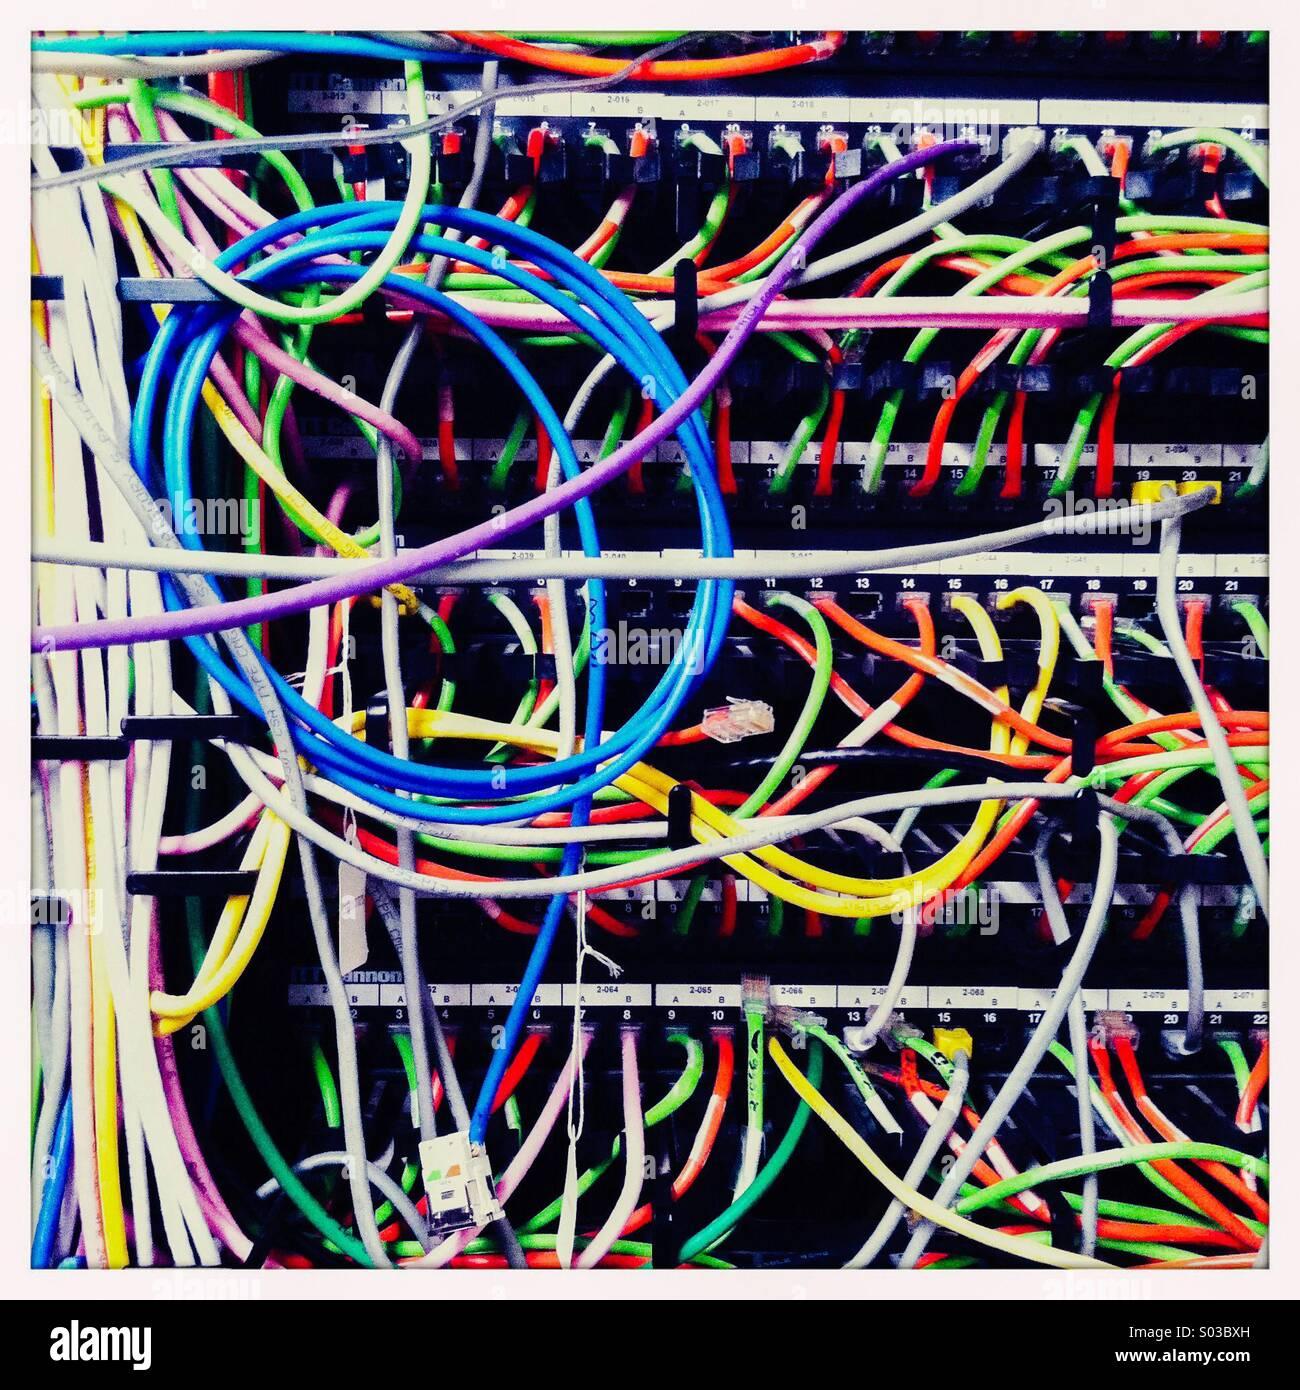 Das Innere des Telekommunikations-Einheit mit mehreren farbigen Adern. Stockbild